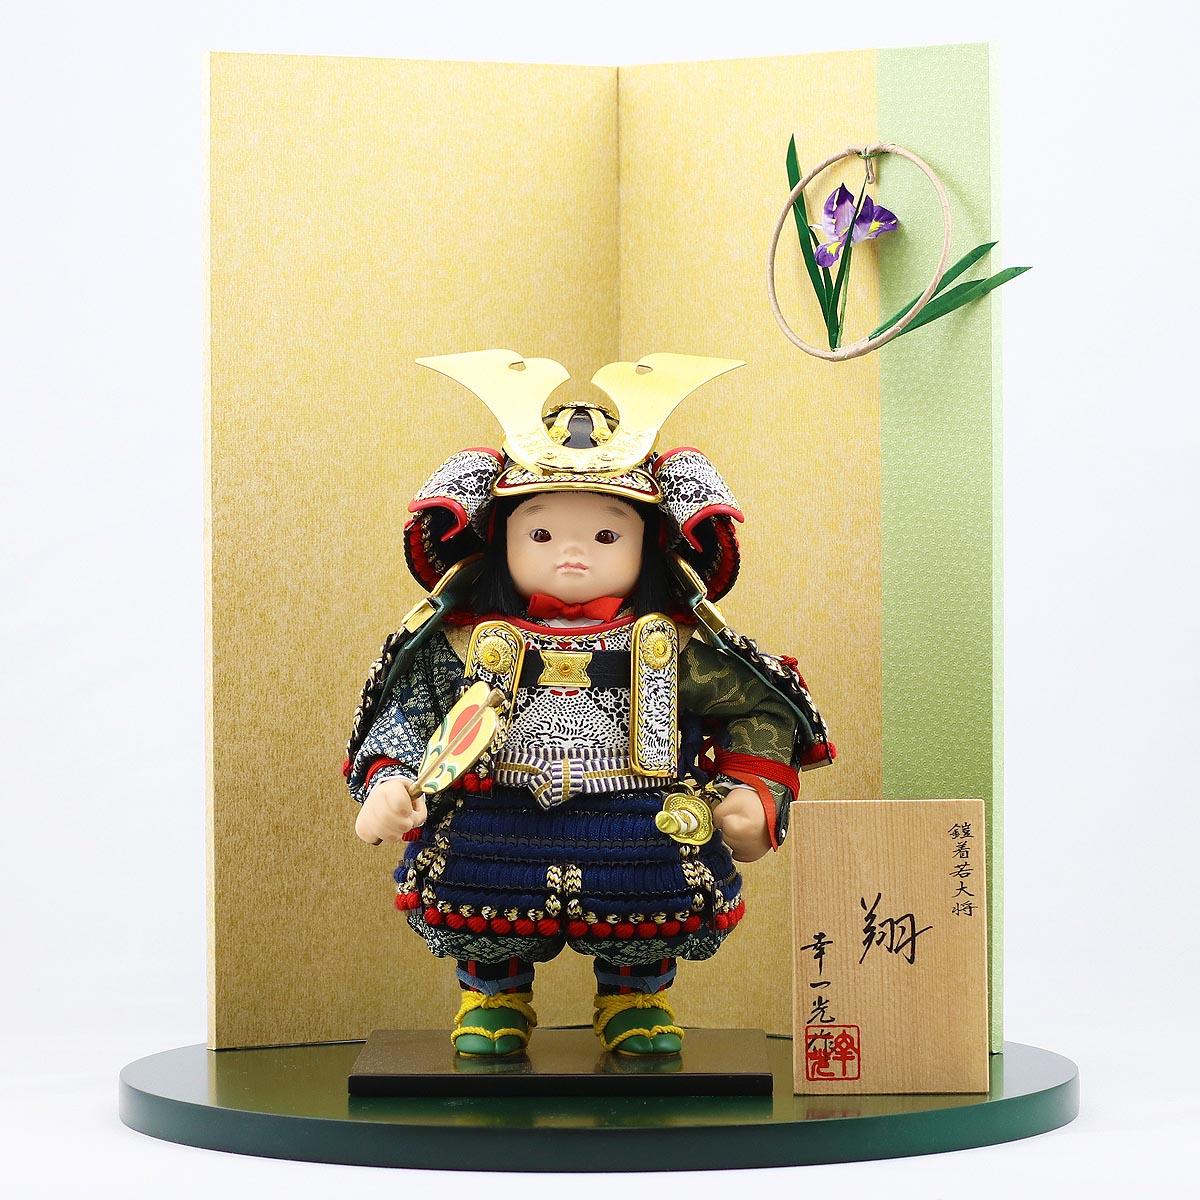 五月人形 幸一光 子供大将飾り 翔 (しょう) 鎧着 Fグリーン屏風セット ≪GOKI-SHOU-NO-08≫コンパクト おしゃれ 子供大将飾り 武者人形 子供大将飾り 五月人形